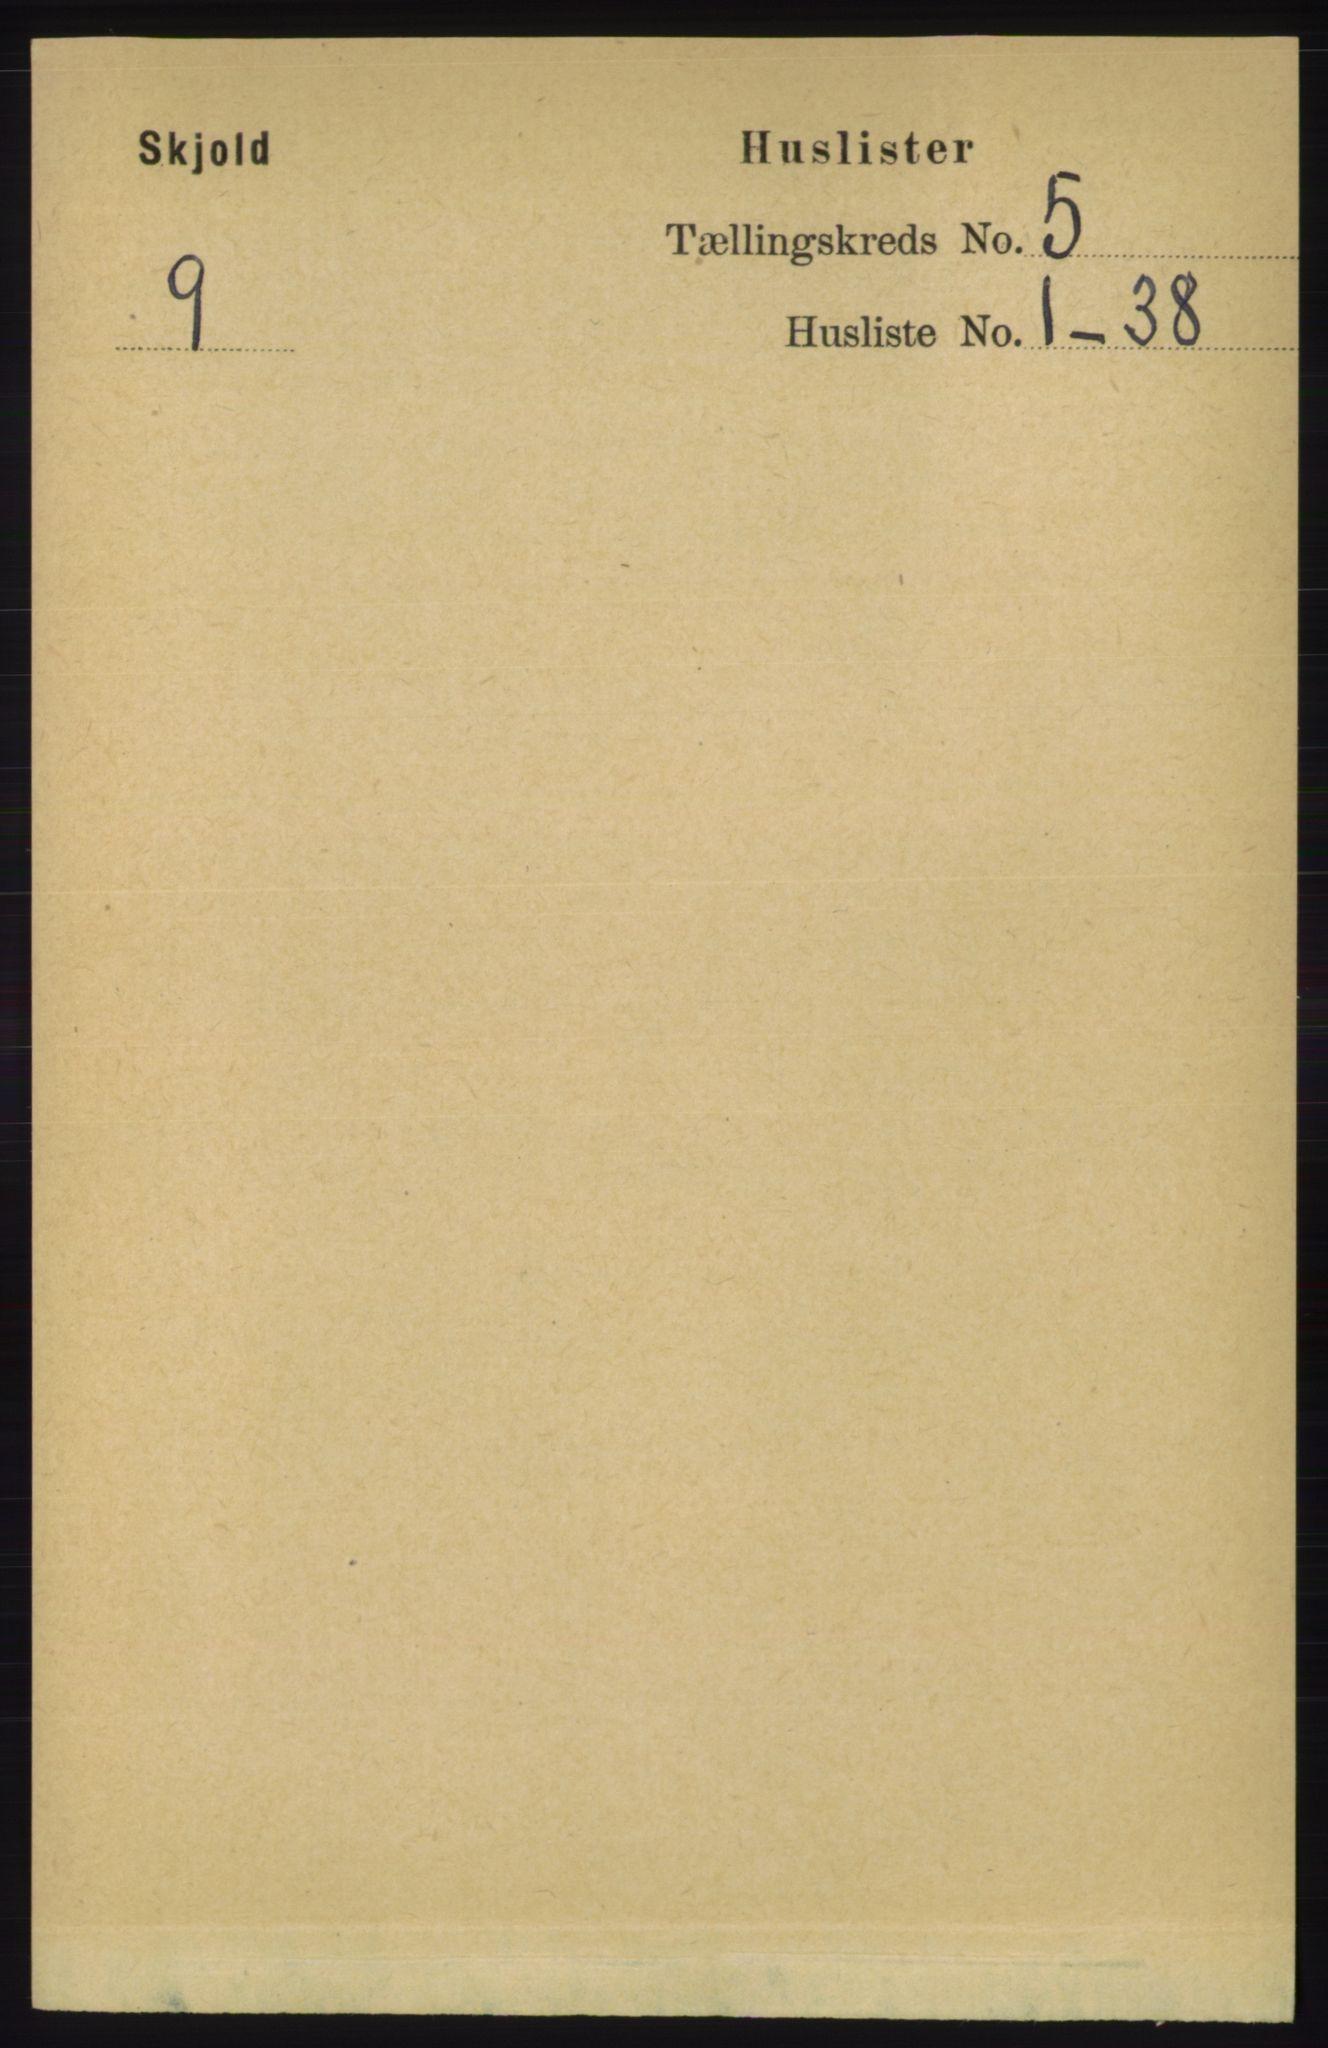 RA, Folketelling 1891 for 1154 Skjold herred, 1891, s. 728